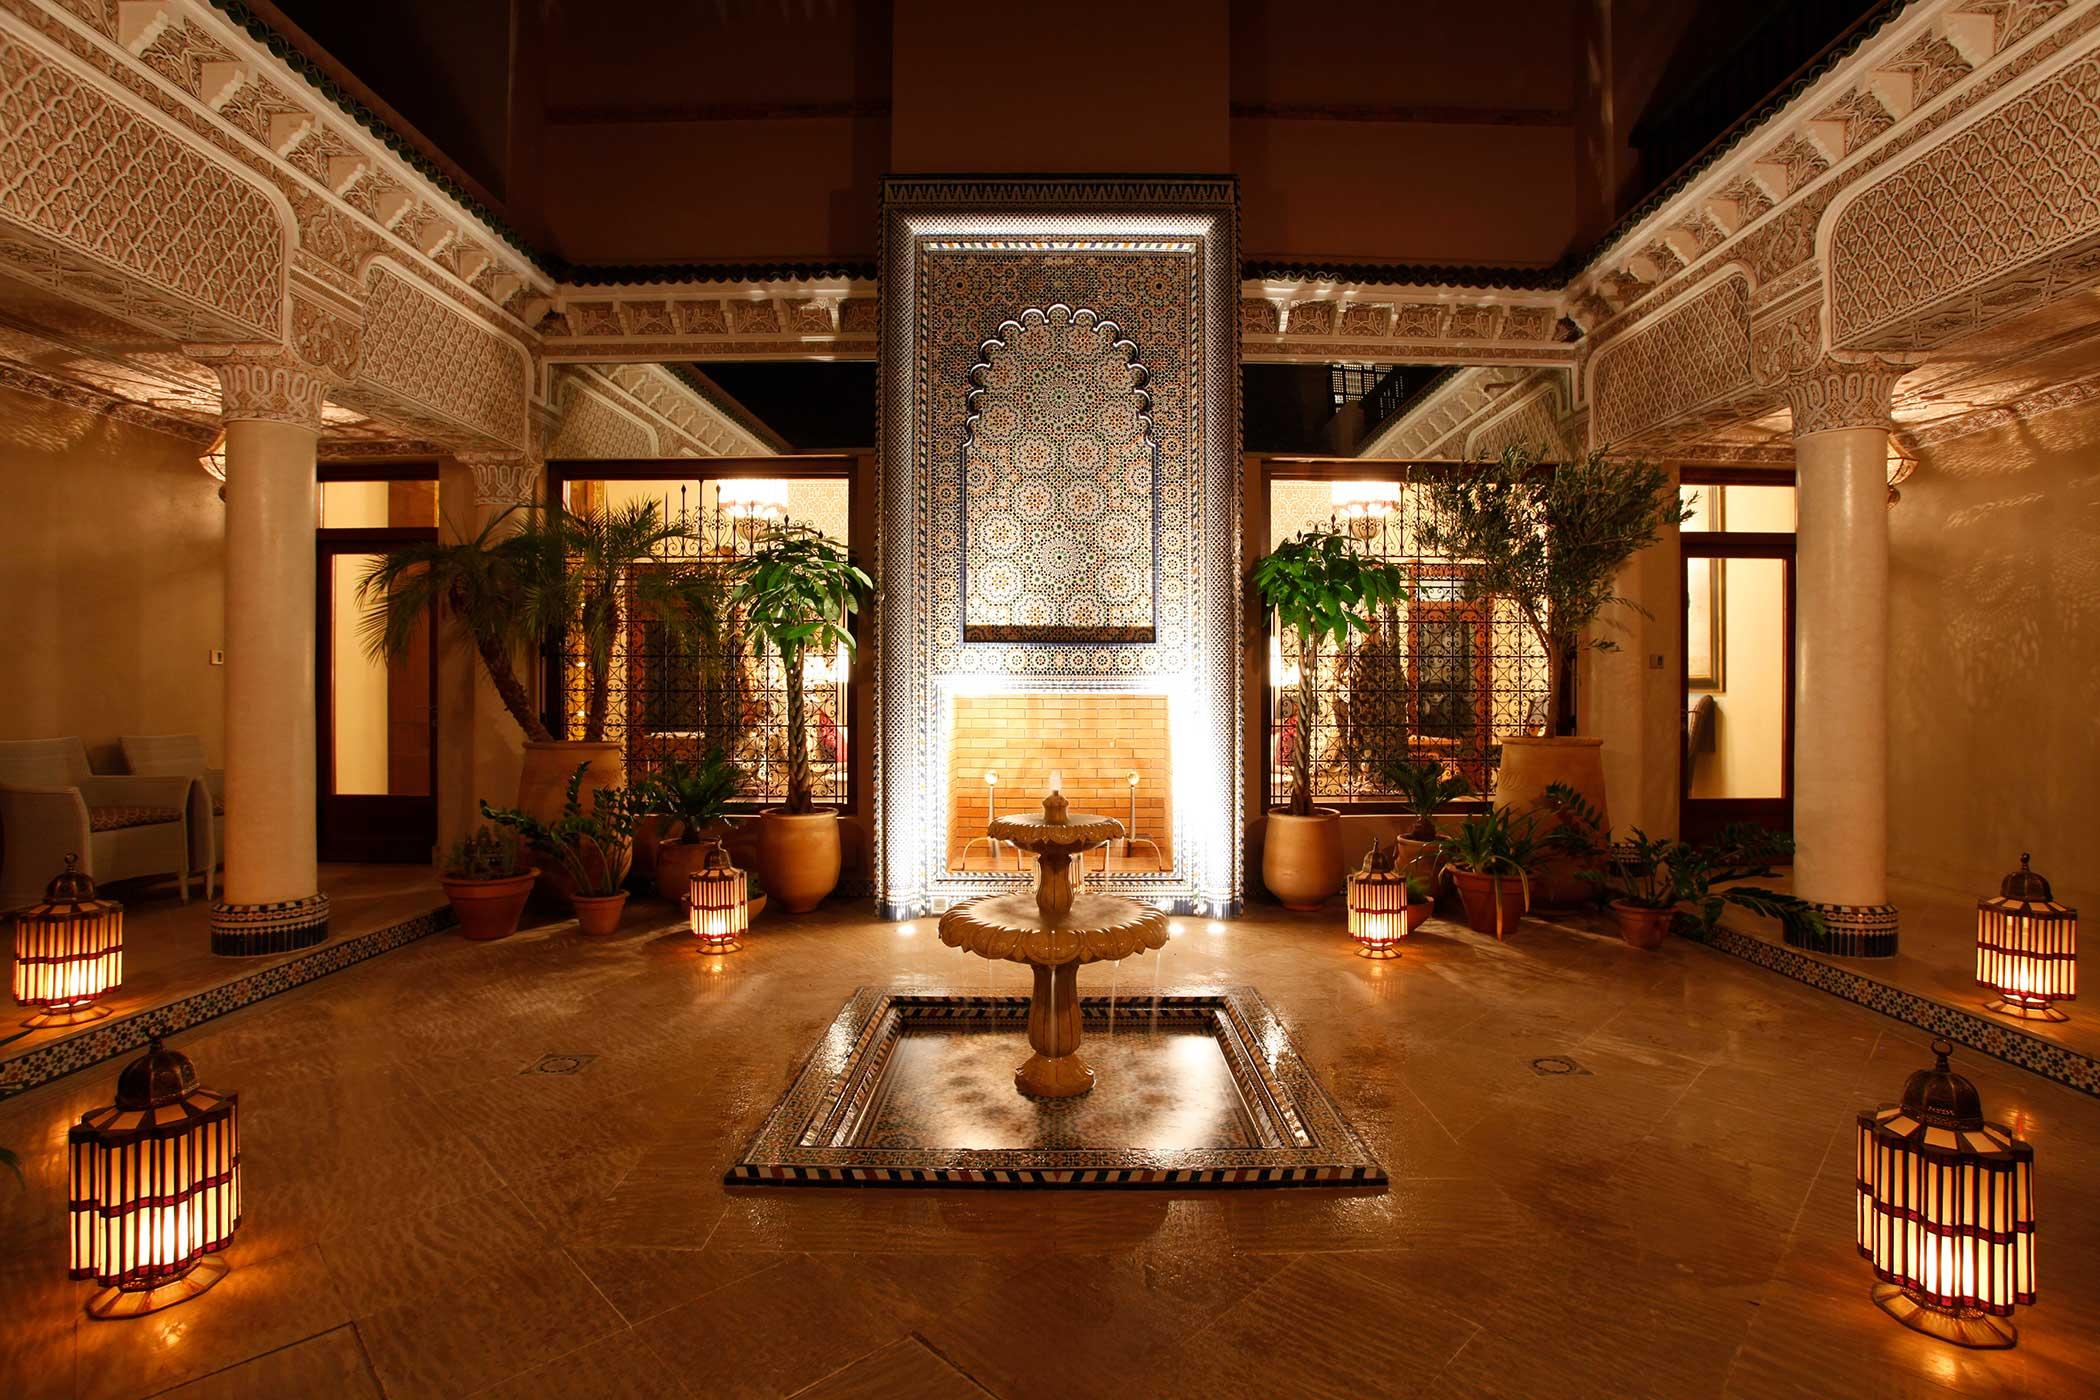 lampu khas maroko - Ciri Gaya Desain Arsitektur Maroko yang Eksotis